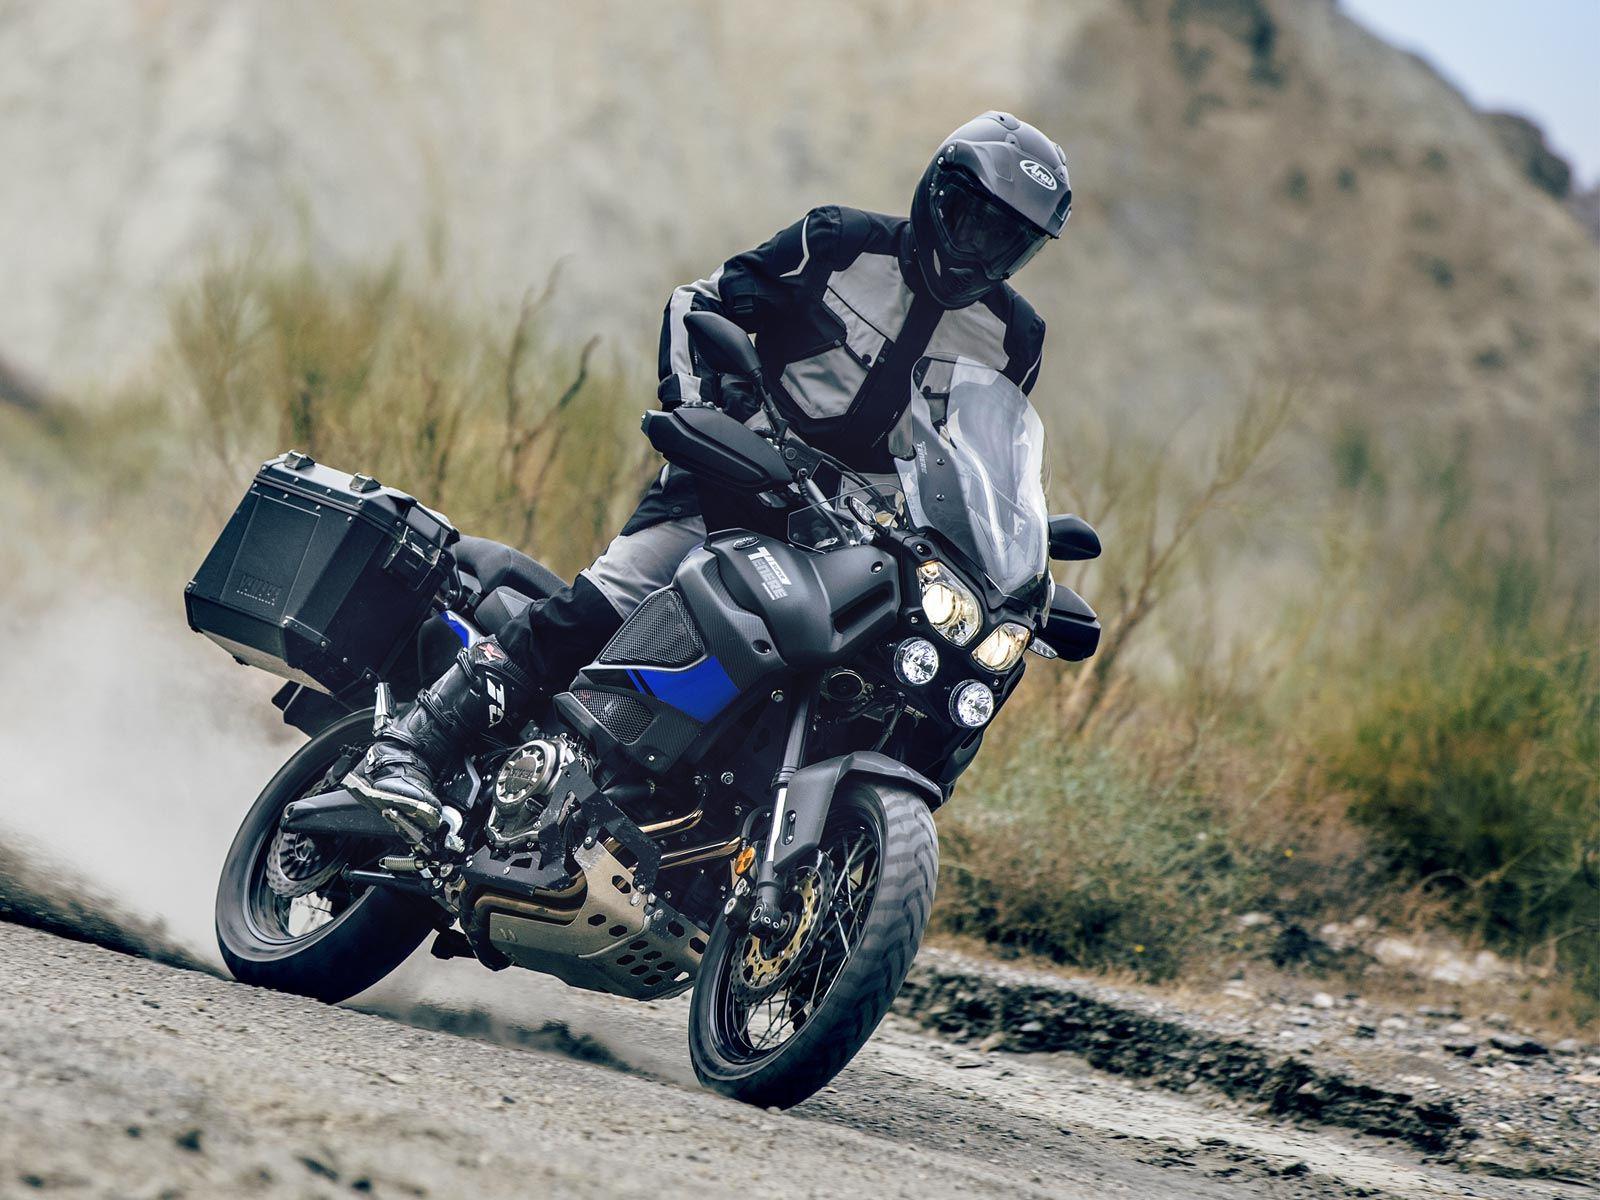 Yamaha XT 1200 Z Super Tenere 5